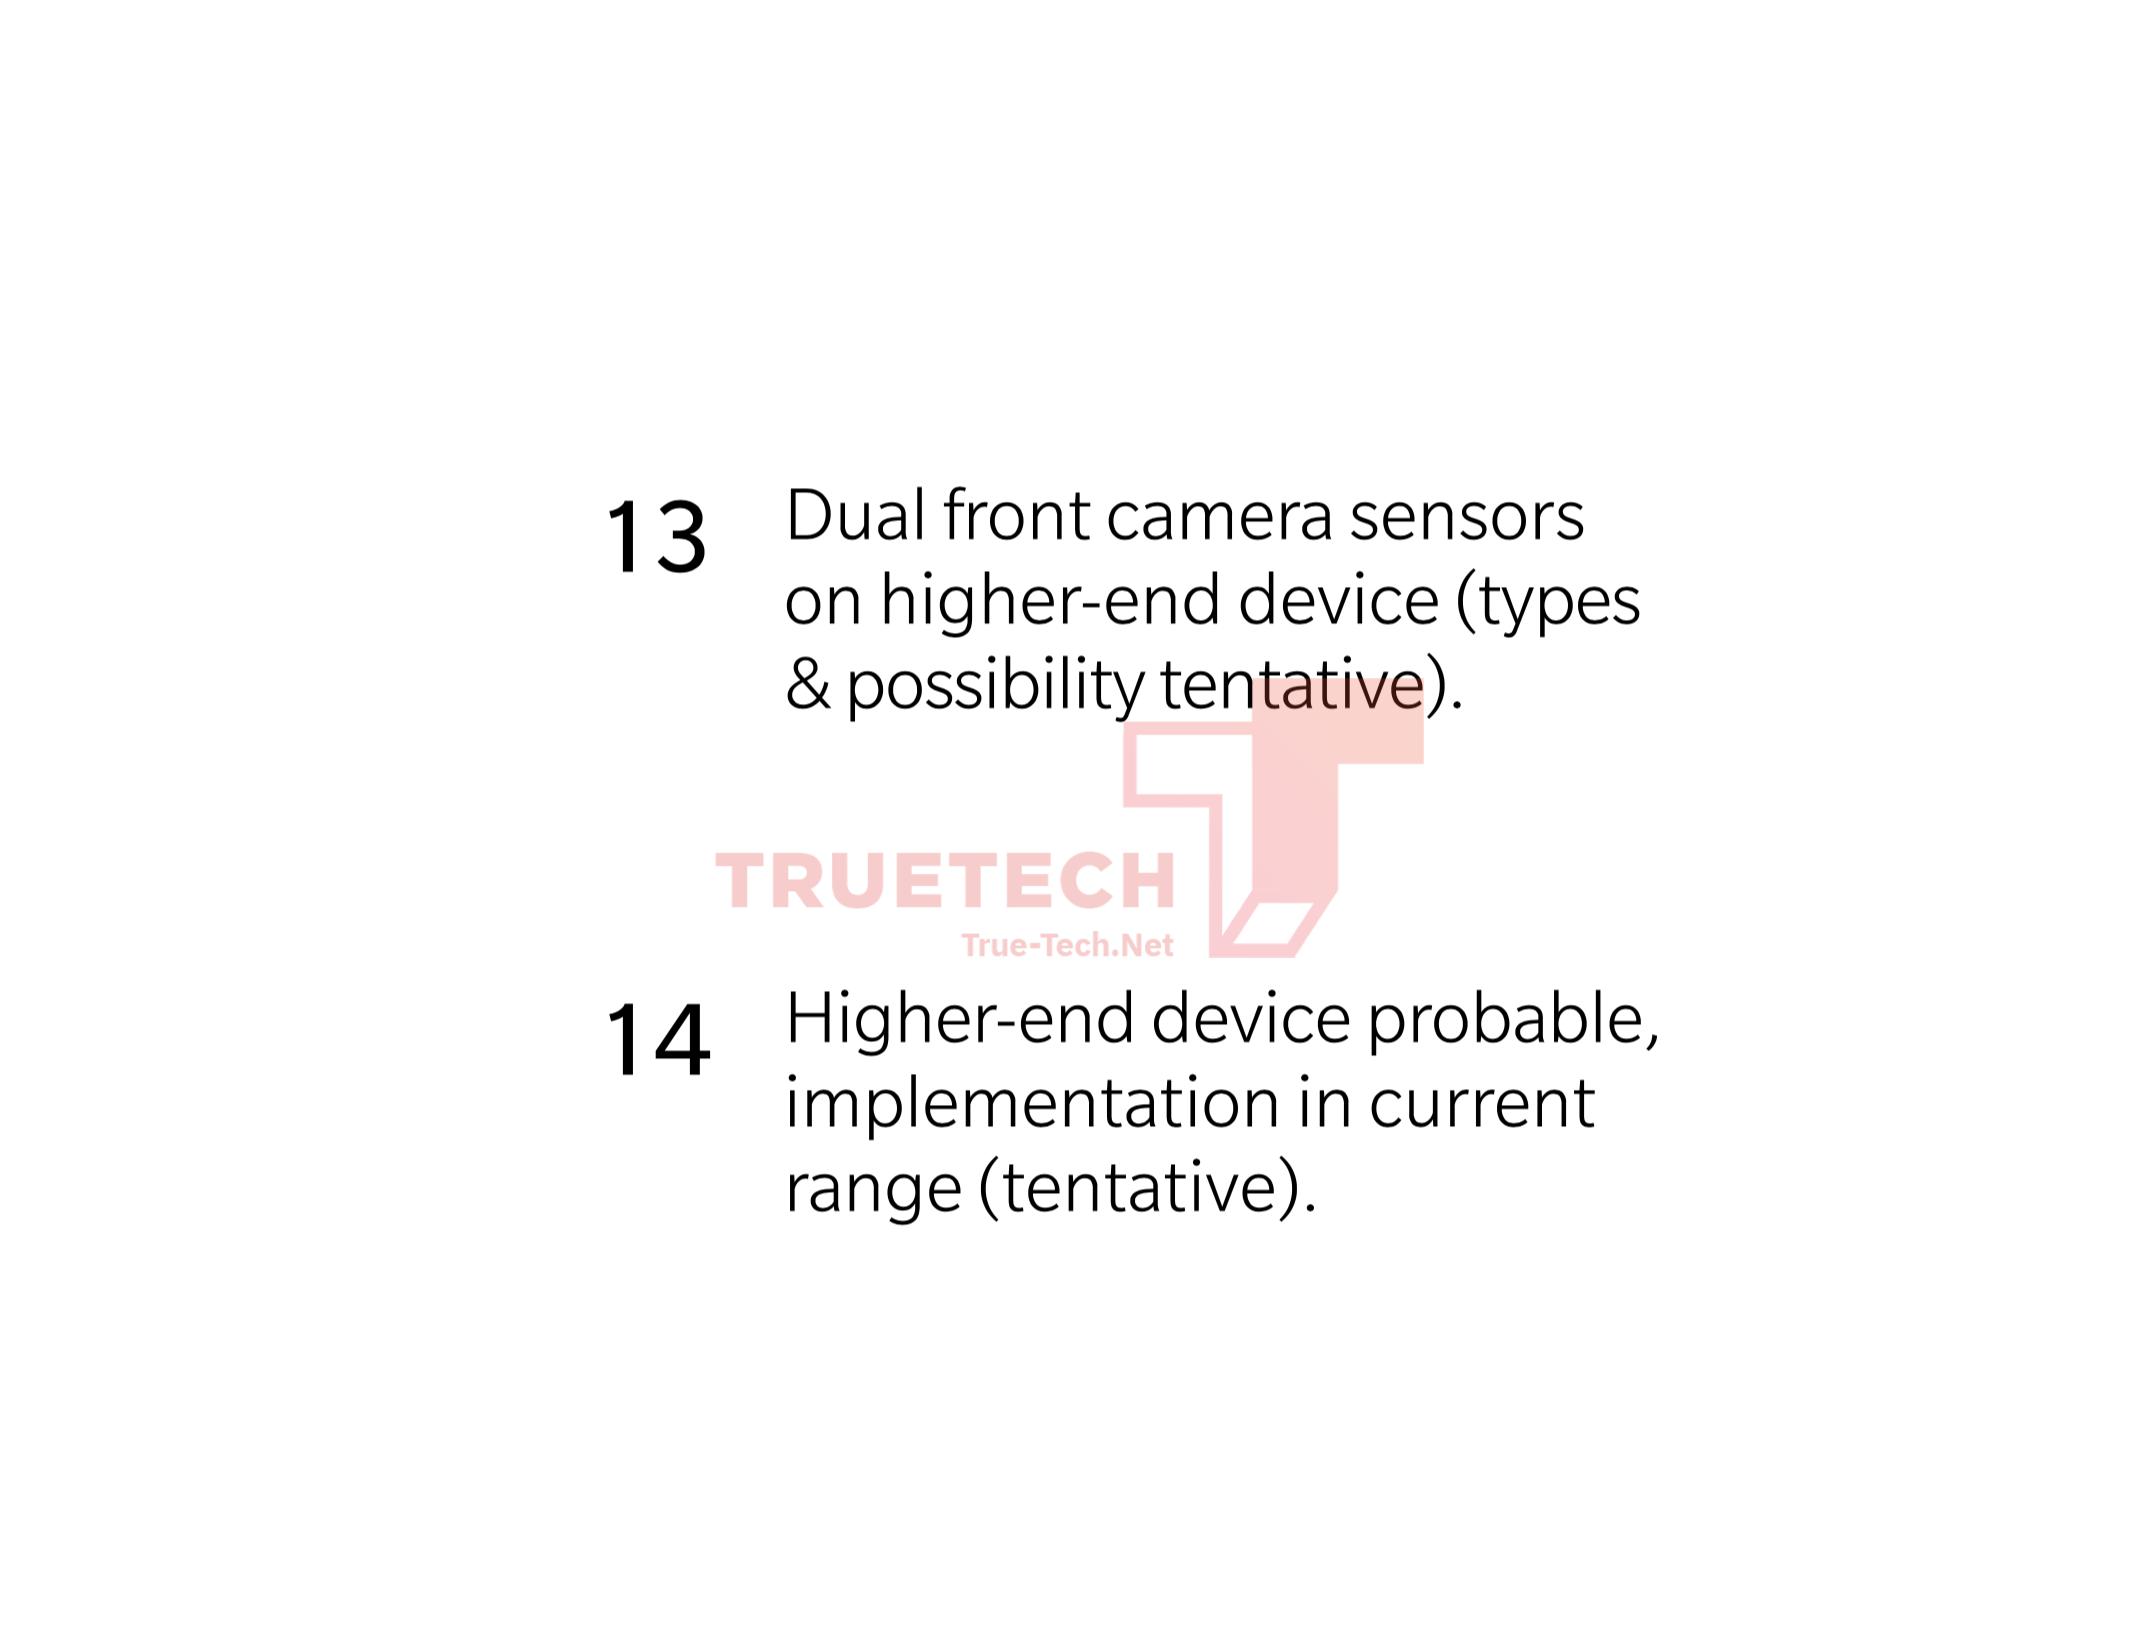 Oneplus 8 Pro schematy kiedy premiera aparat plotki przecieki wycieki specyfikacja technniczna